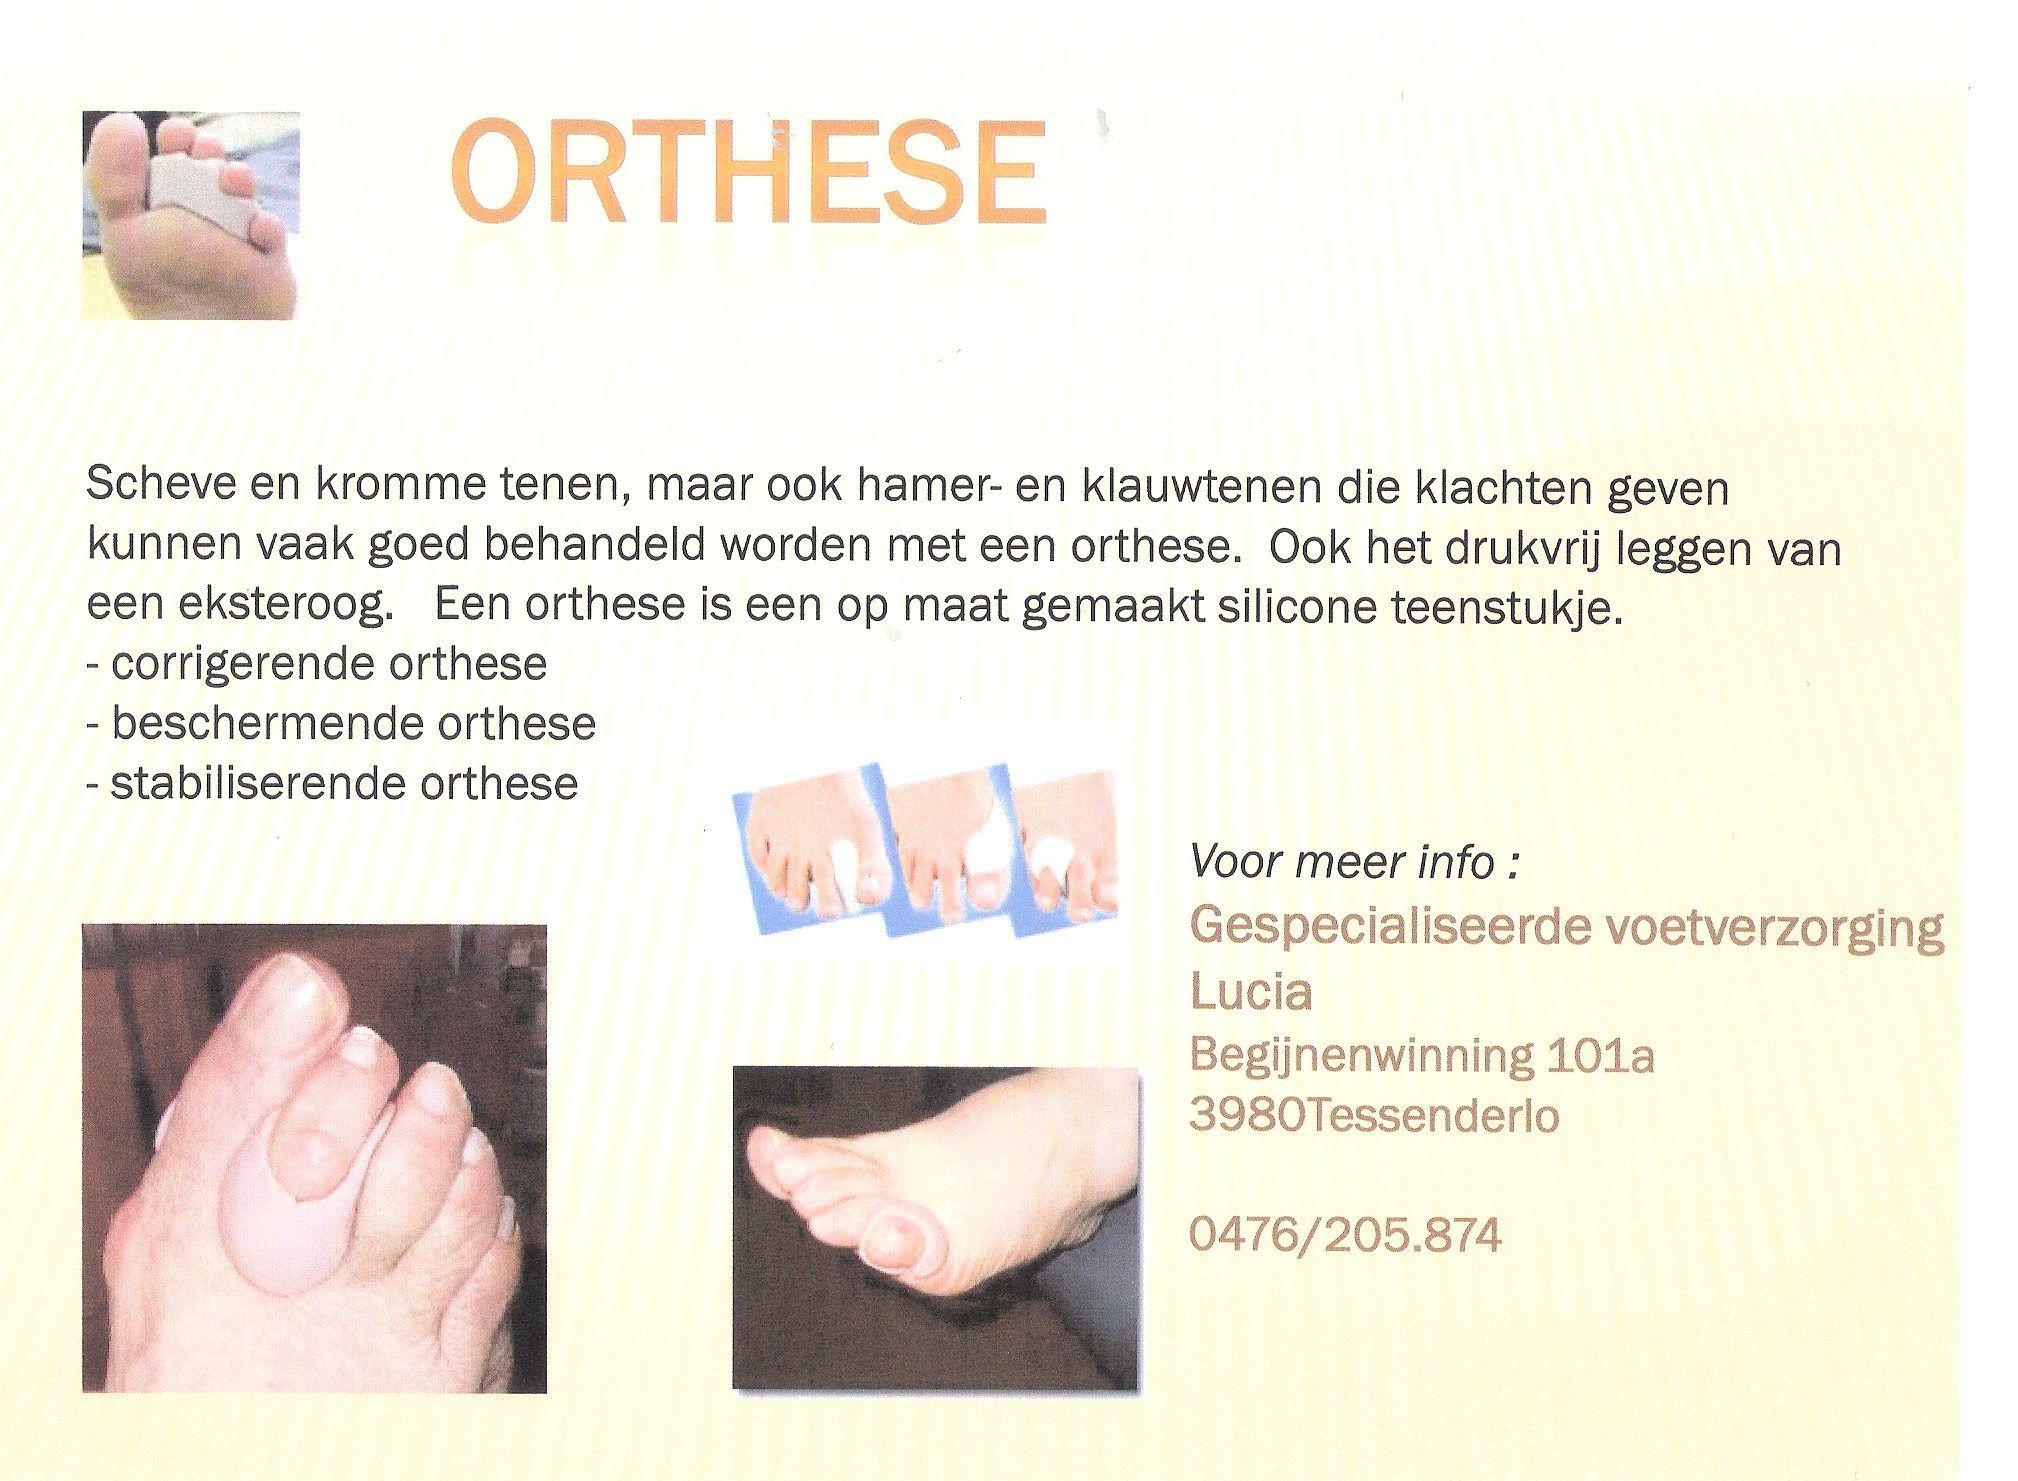 Vanaf nu ook orthese te  bekomen bij gespecialiseerde voetverzorging Lucia